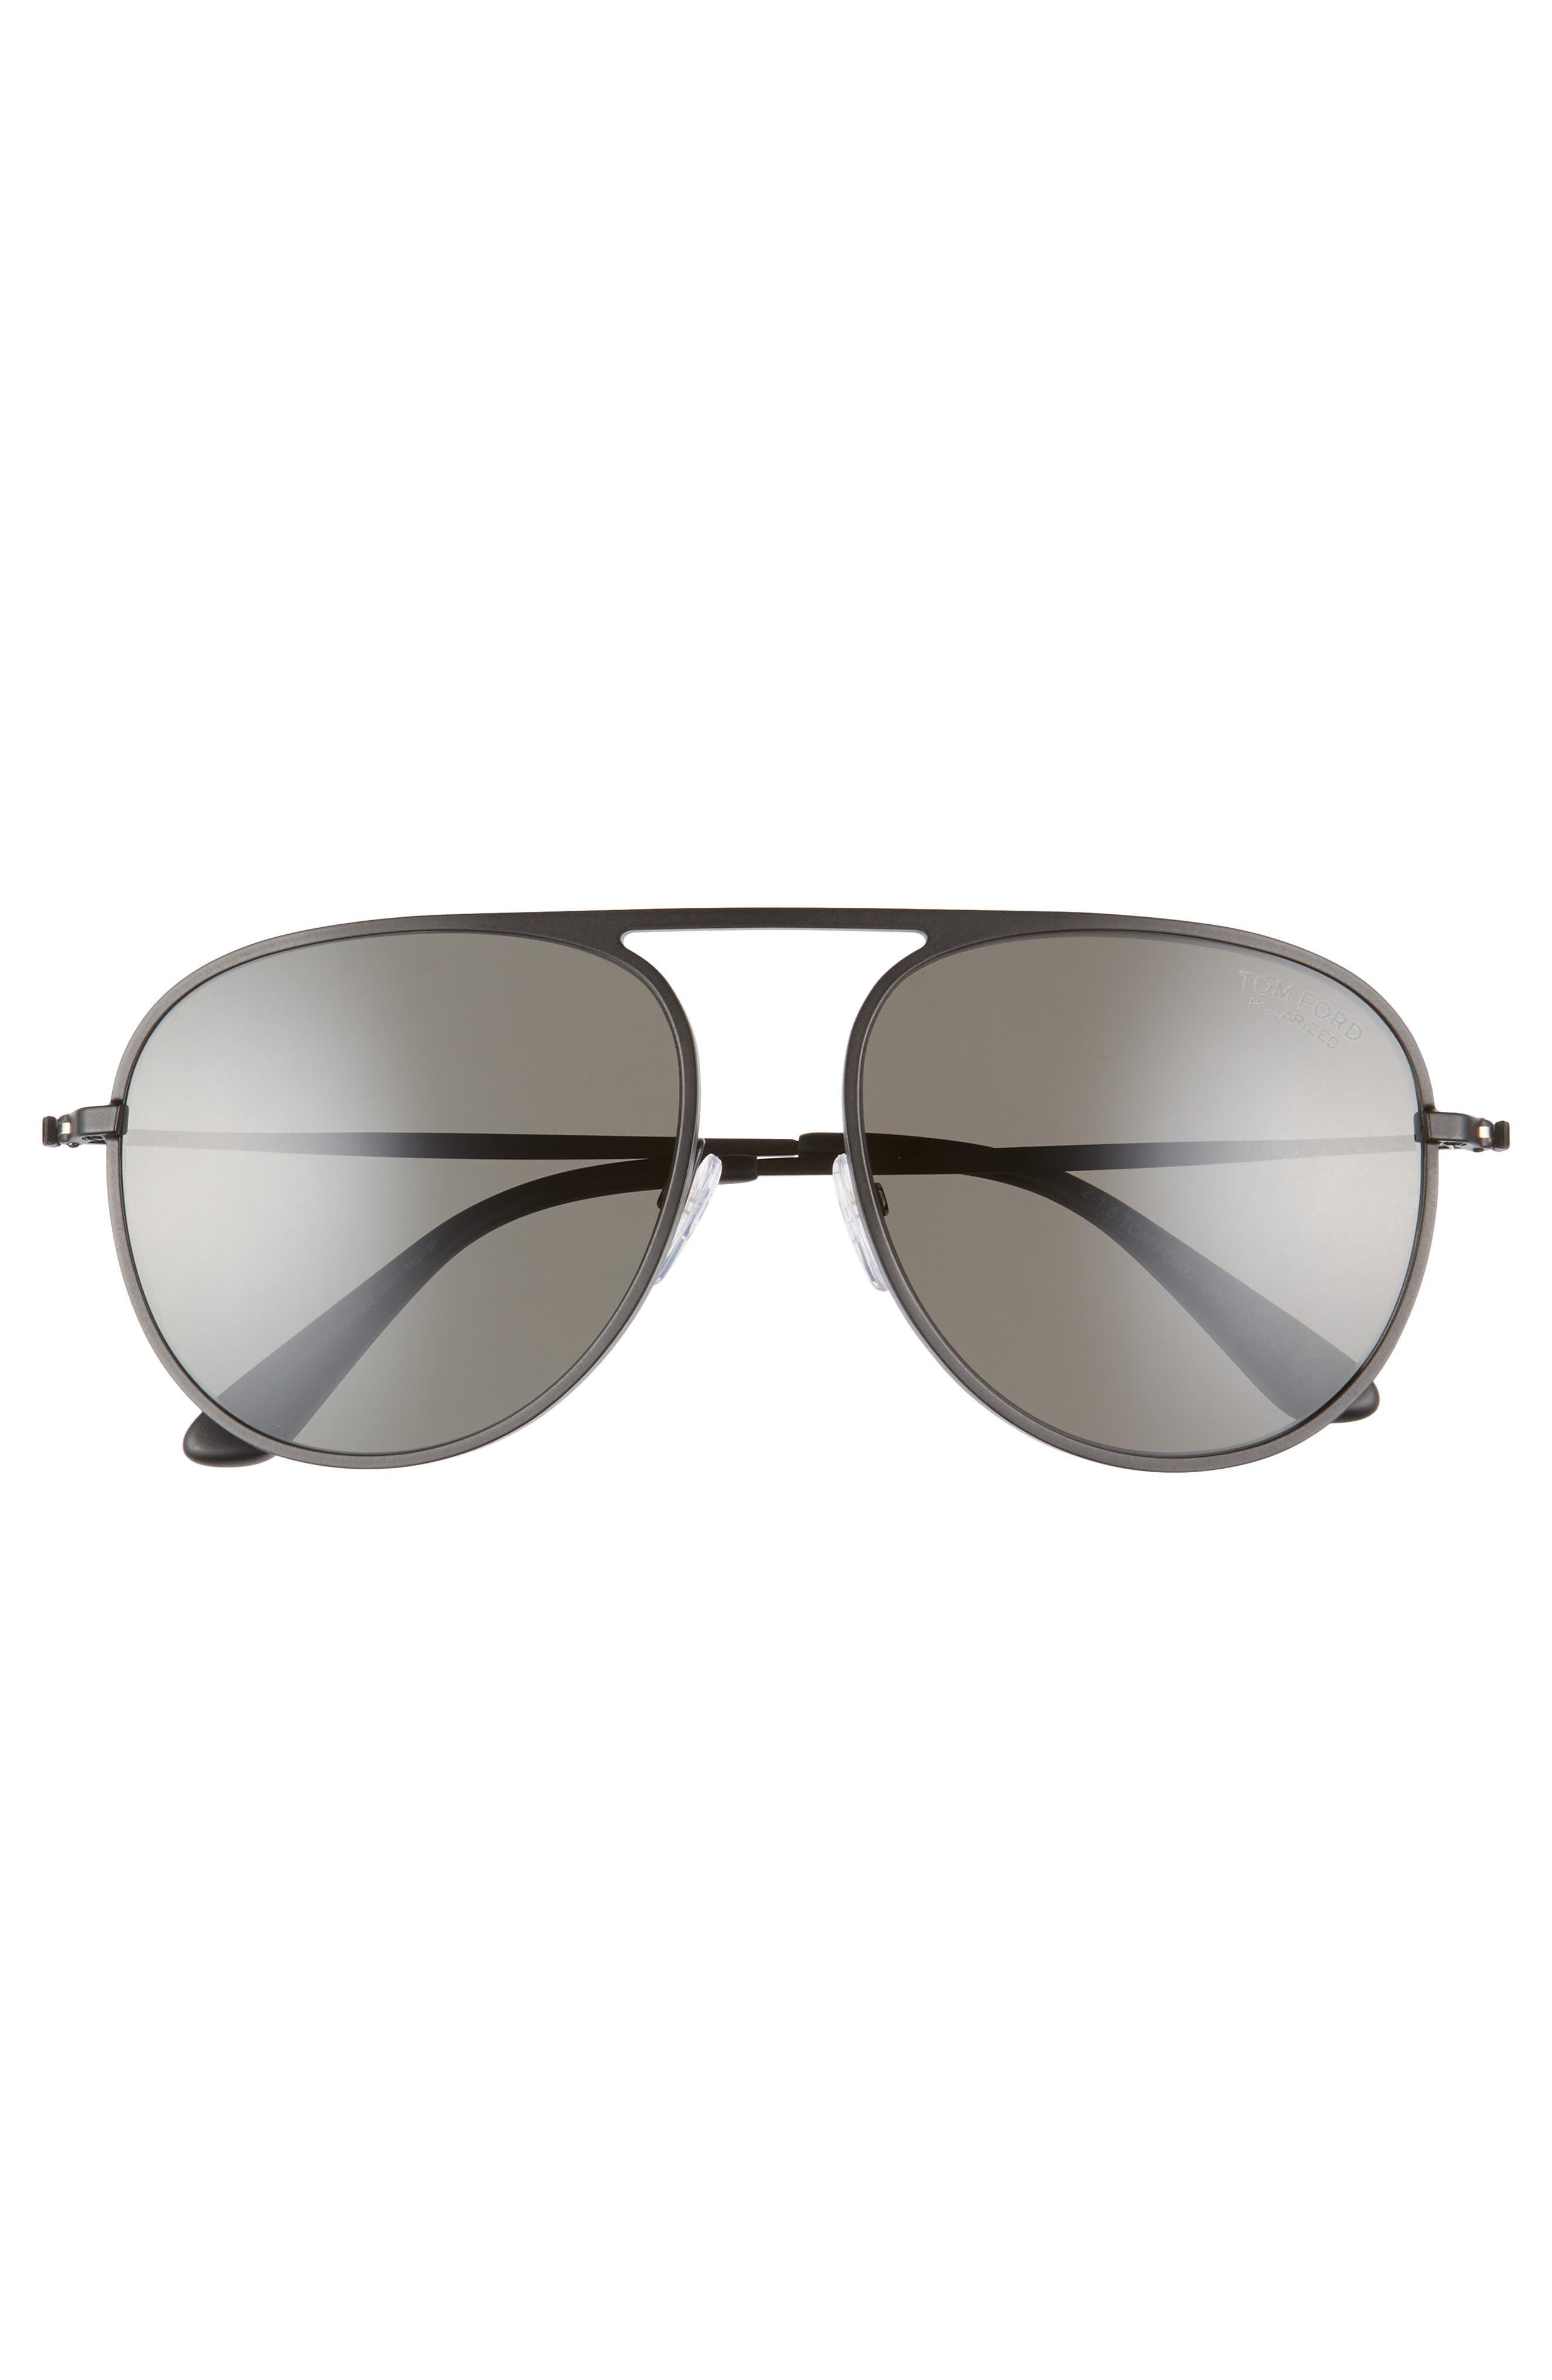 59mm Aviator Sunglasses,                             Alternate thumbnail 3, color,                             BLACK MATTE FRAME/ BLACK